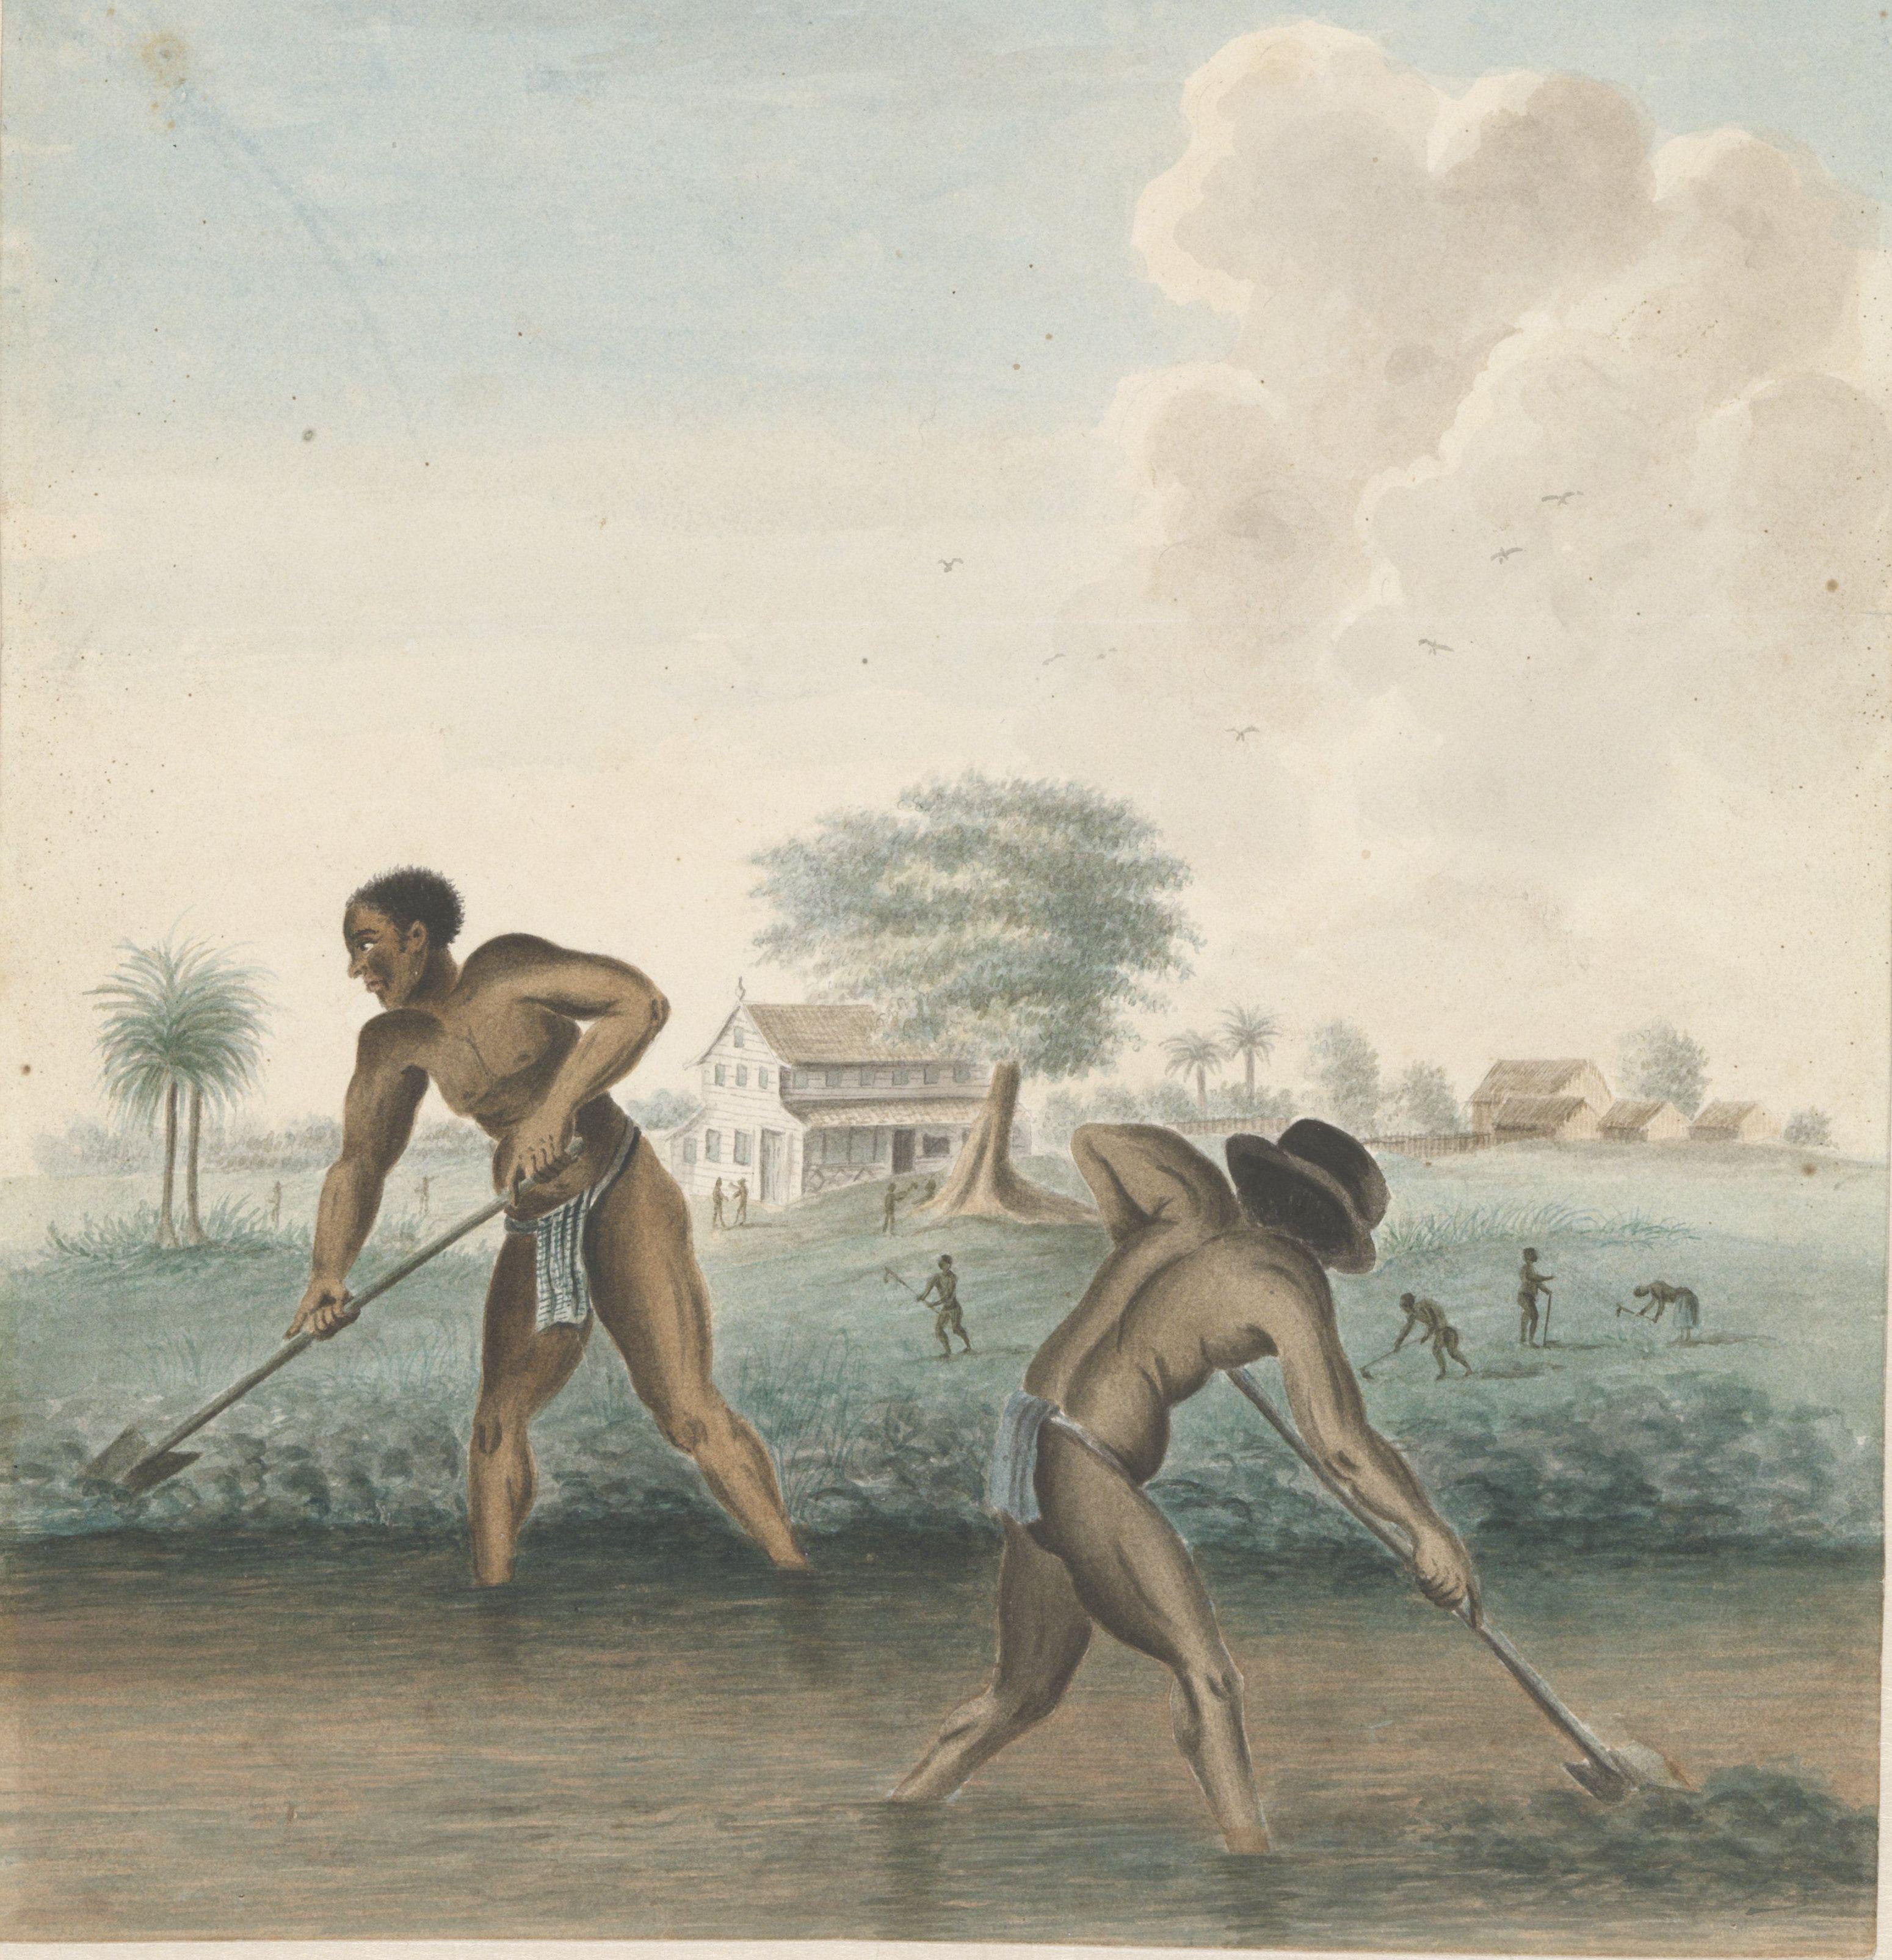 slaven aan het werk